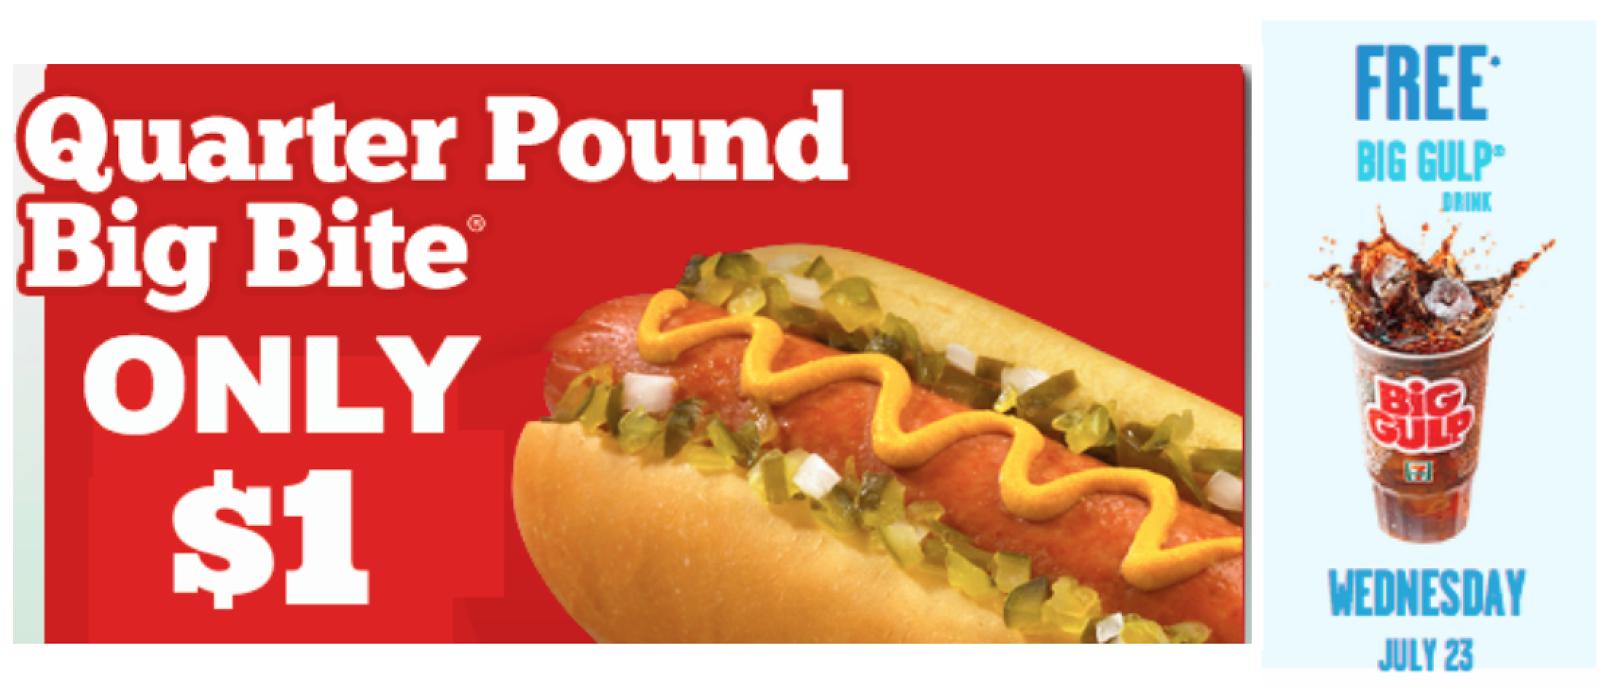 Sheetz Hot Dog Day